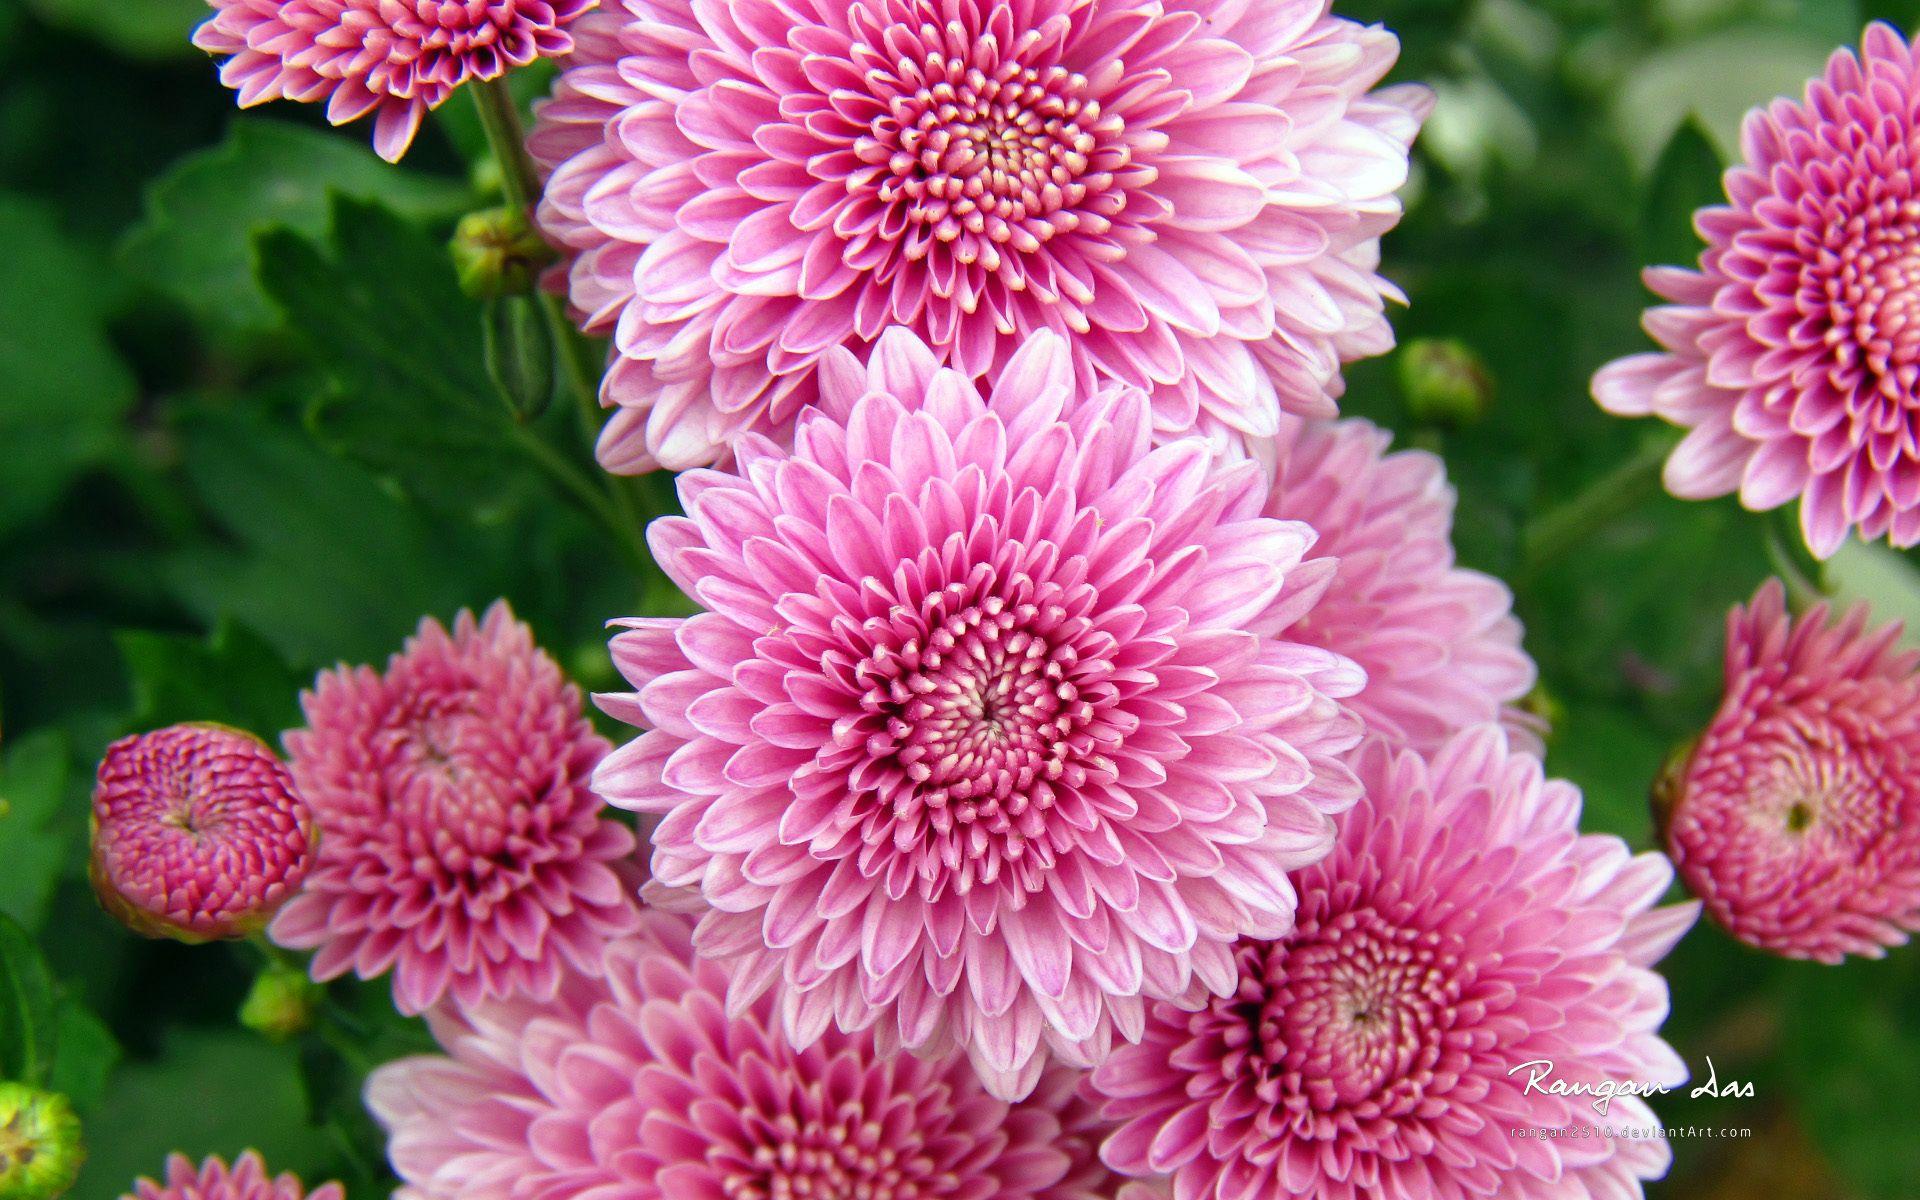 Chrysanthemum Flowers Wallpapers Hd Wallpapers Flowers Pink Flowers Wallpaper Beautiful Flowers